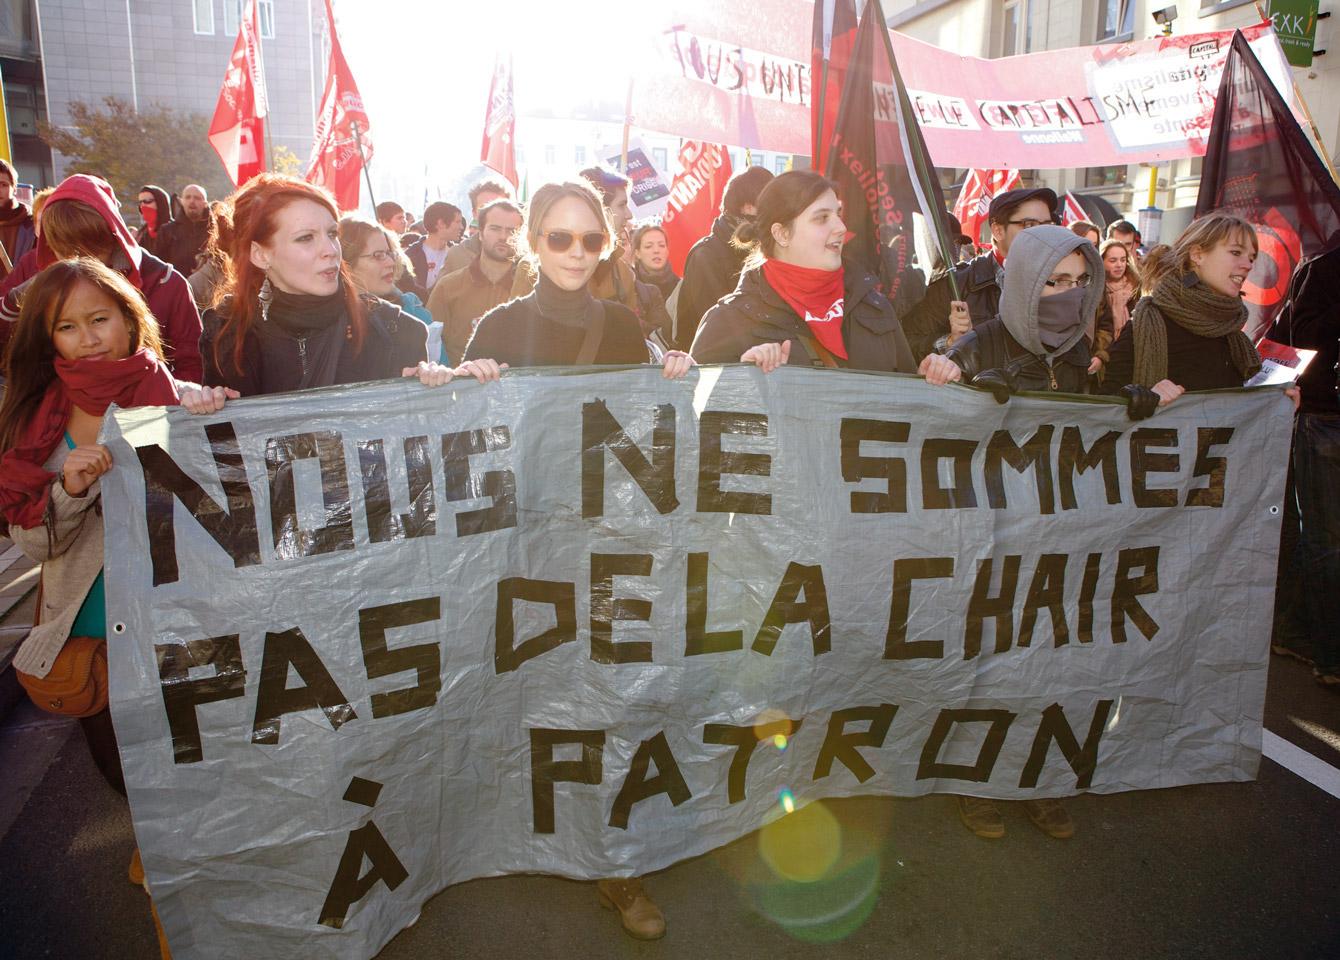 Manifestation anti-austérité et action lors de la visite d'Angela Merkel au parlement européen, 2012. Photo: Olivier Hansen